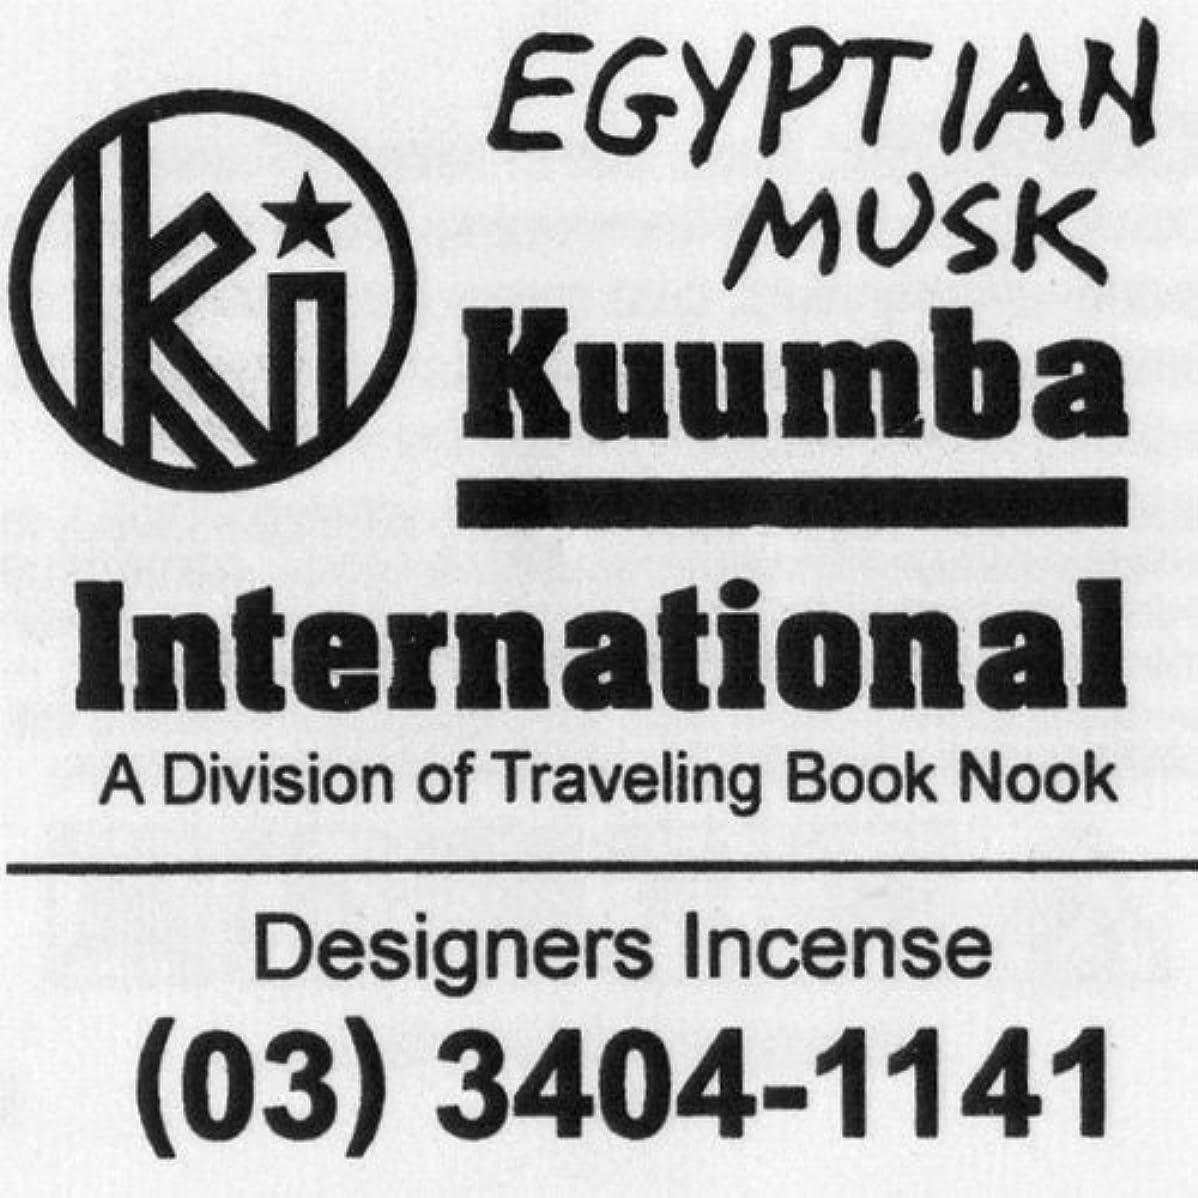 勇気のある登録合併症KUUMBA / クンバ『incense』(EGYPTIAN MUSK) (Regular size)